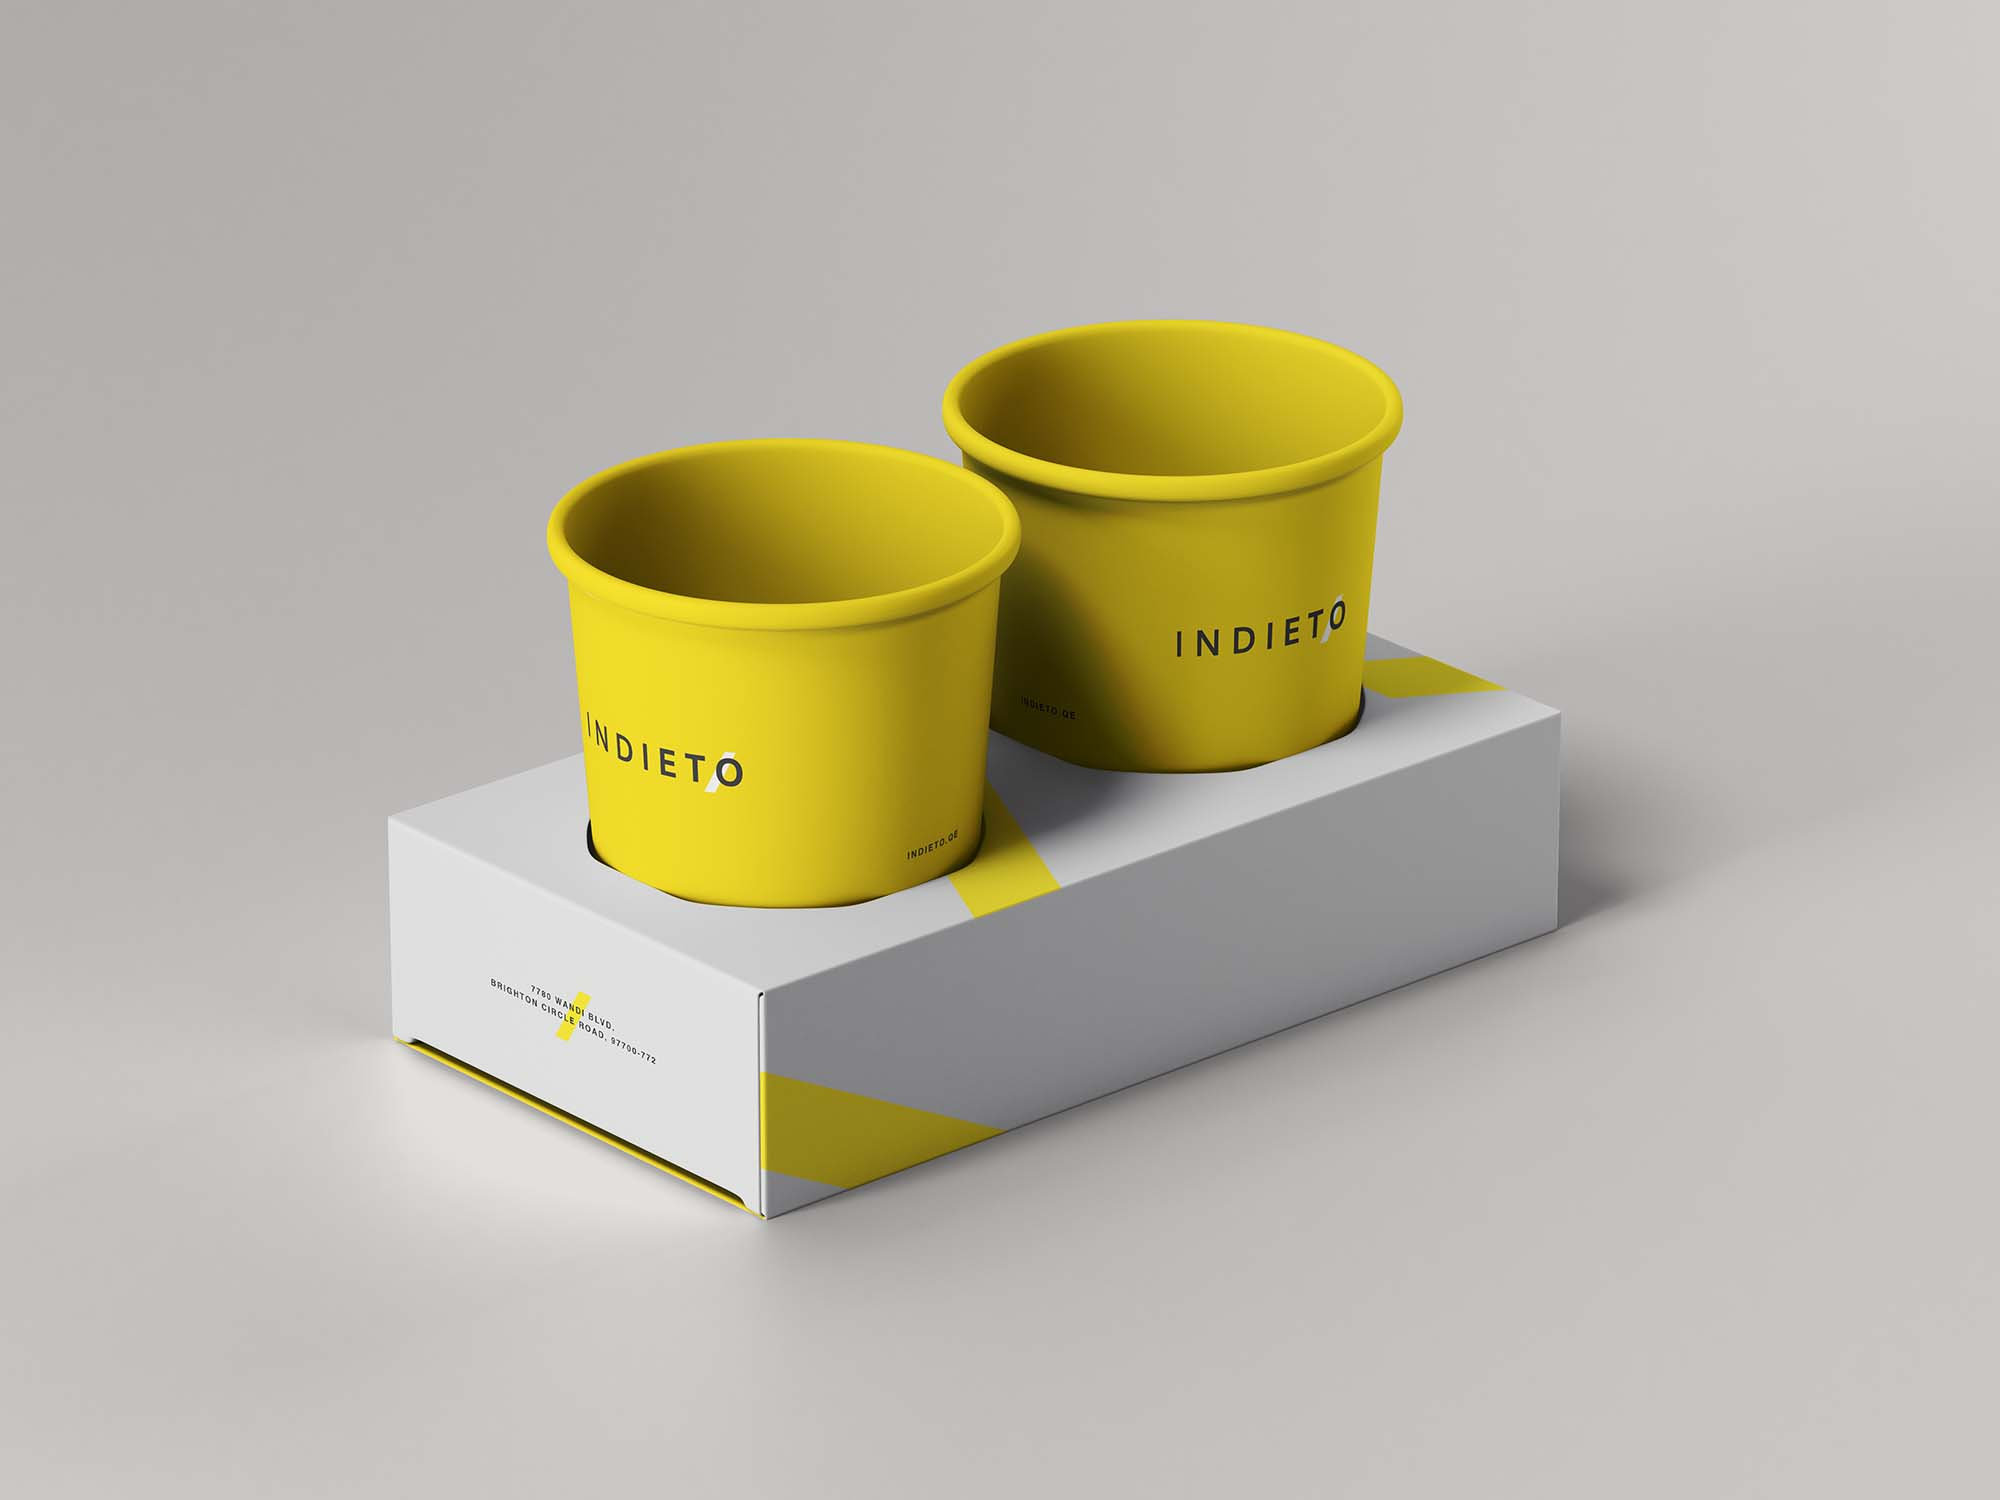 一次性外卖纸杯设计展示样机模板 Paper Cup Holder Mockup插图